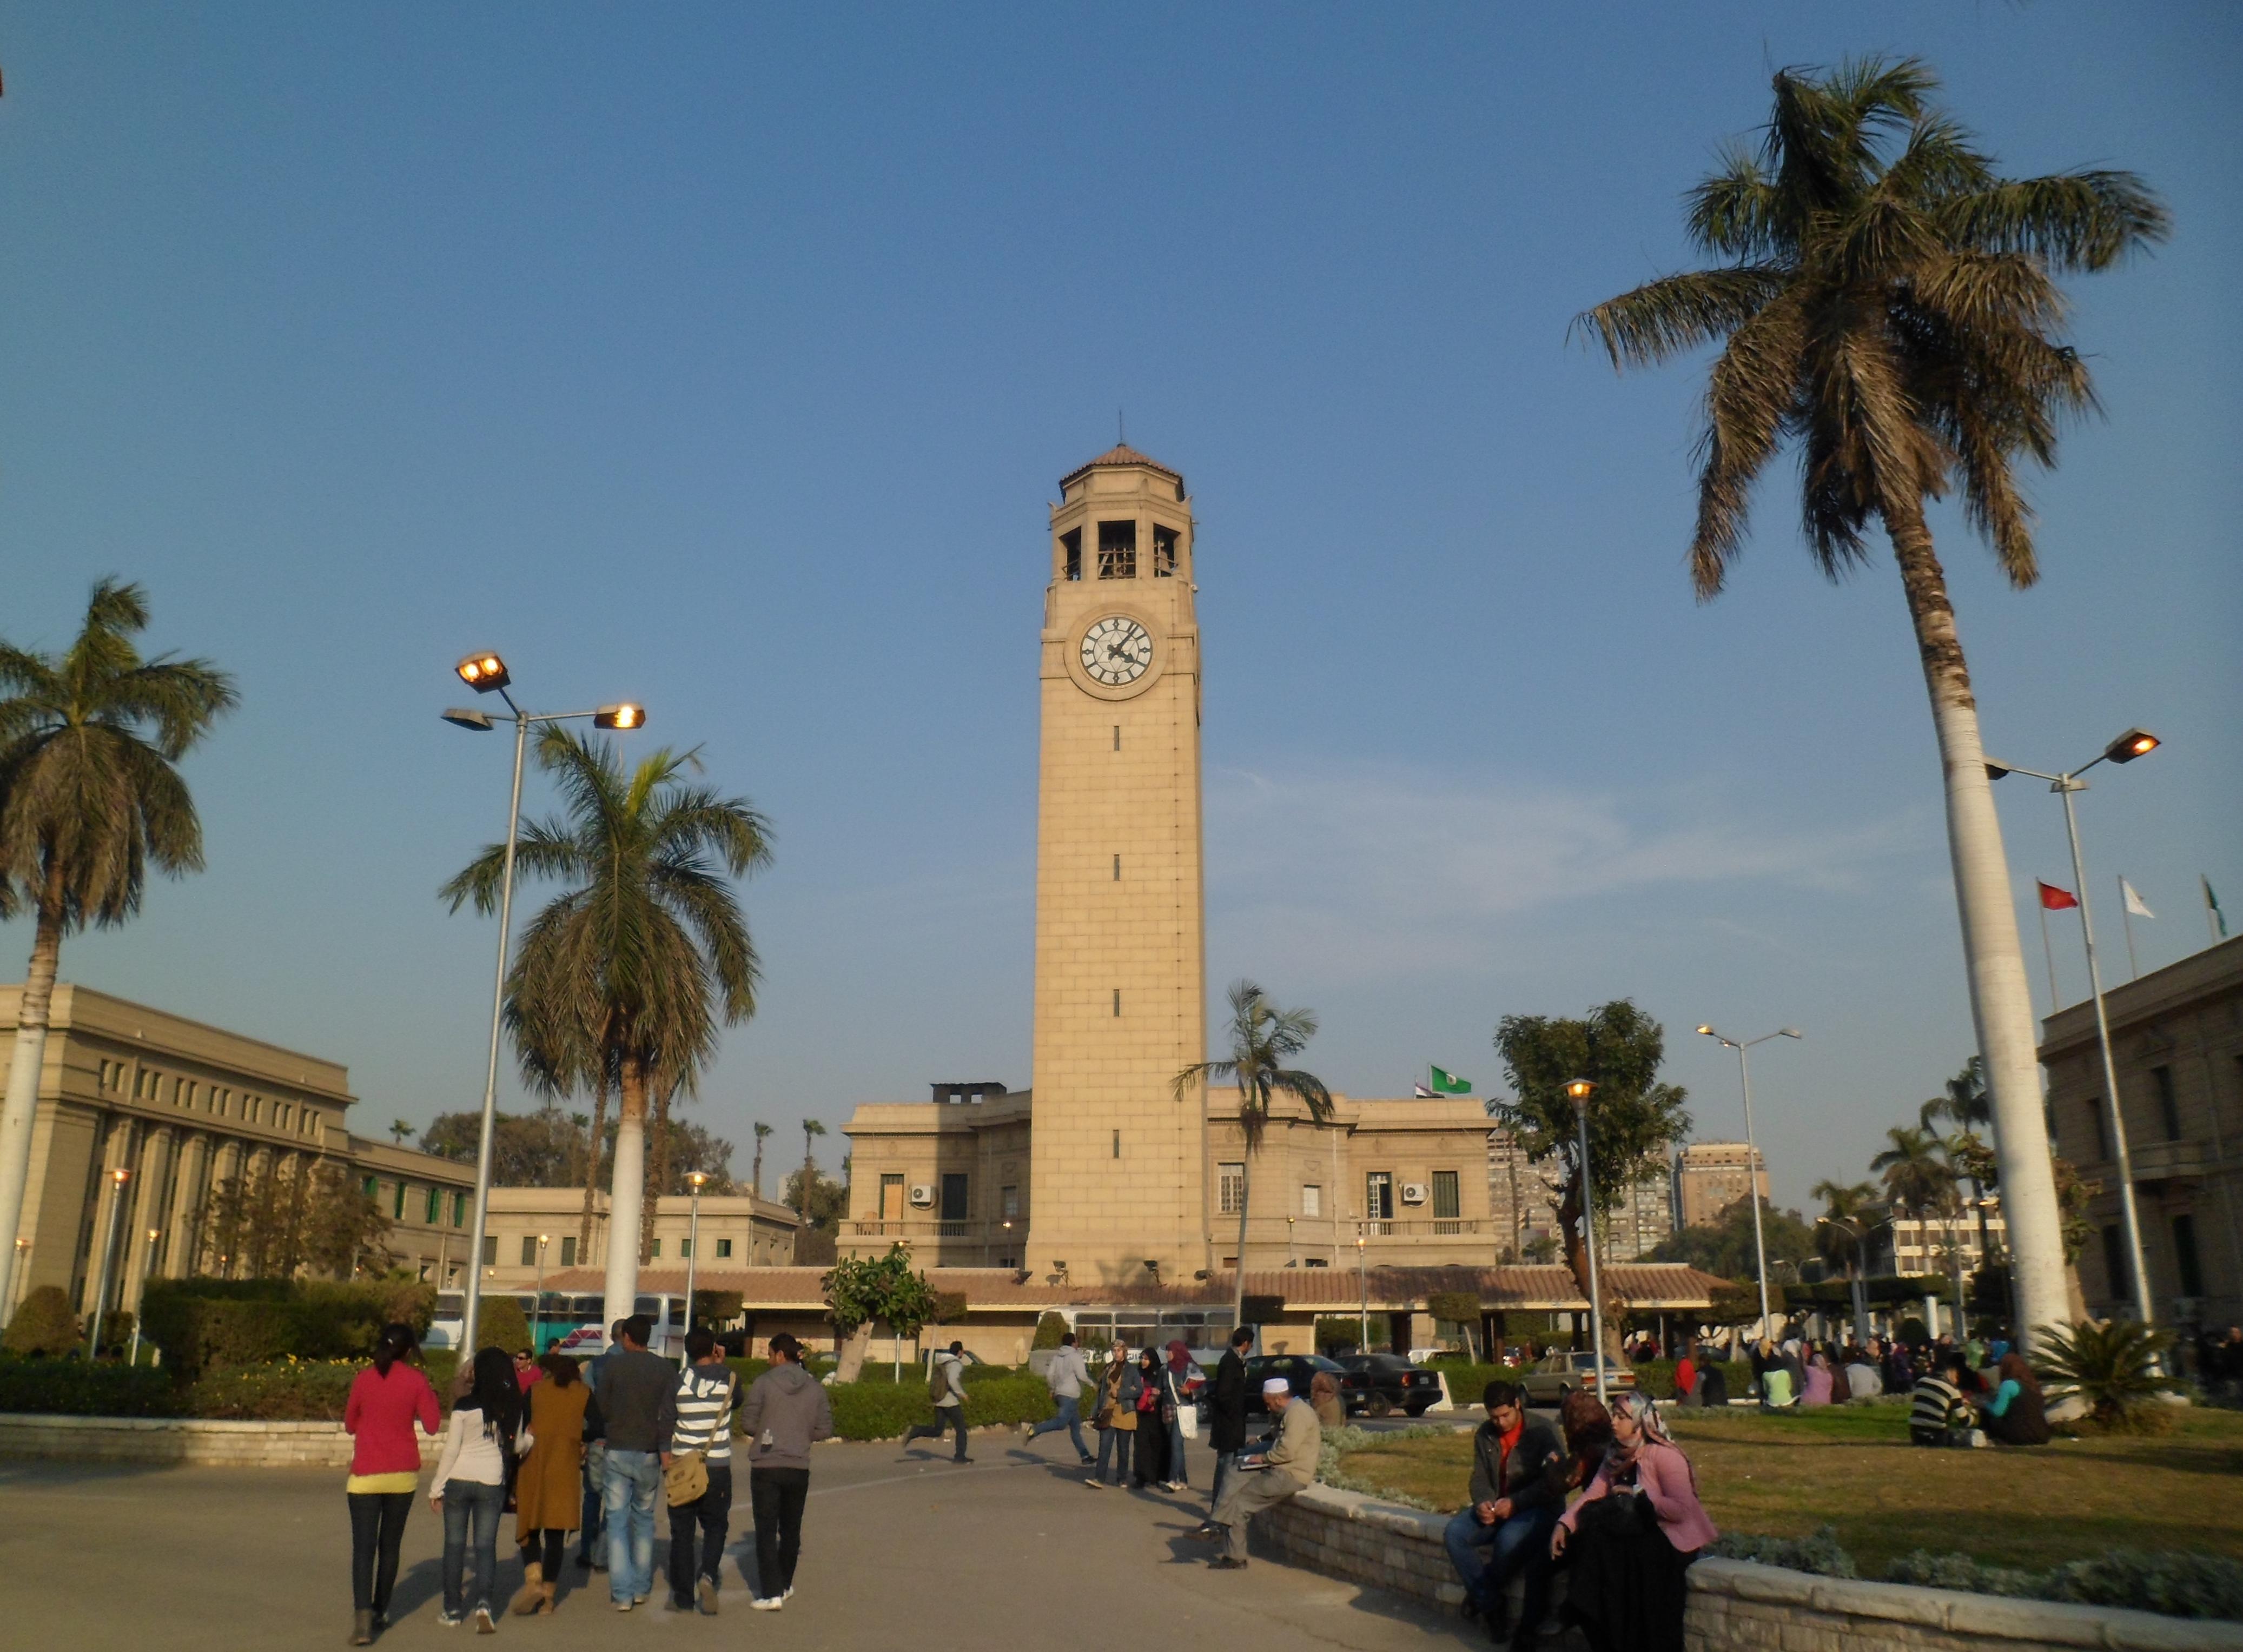 http://upload.wikimedia.org/wikipedia/commons/6/67/Cairo_University-2.JPG